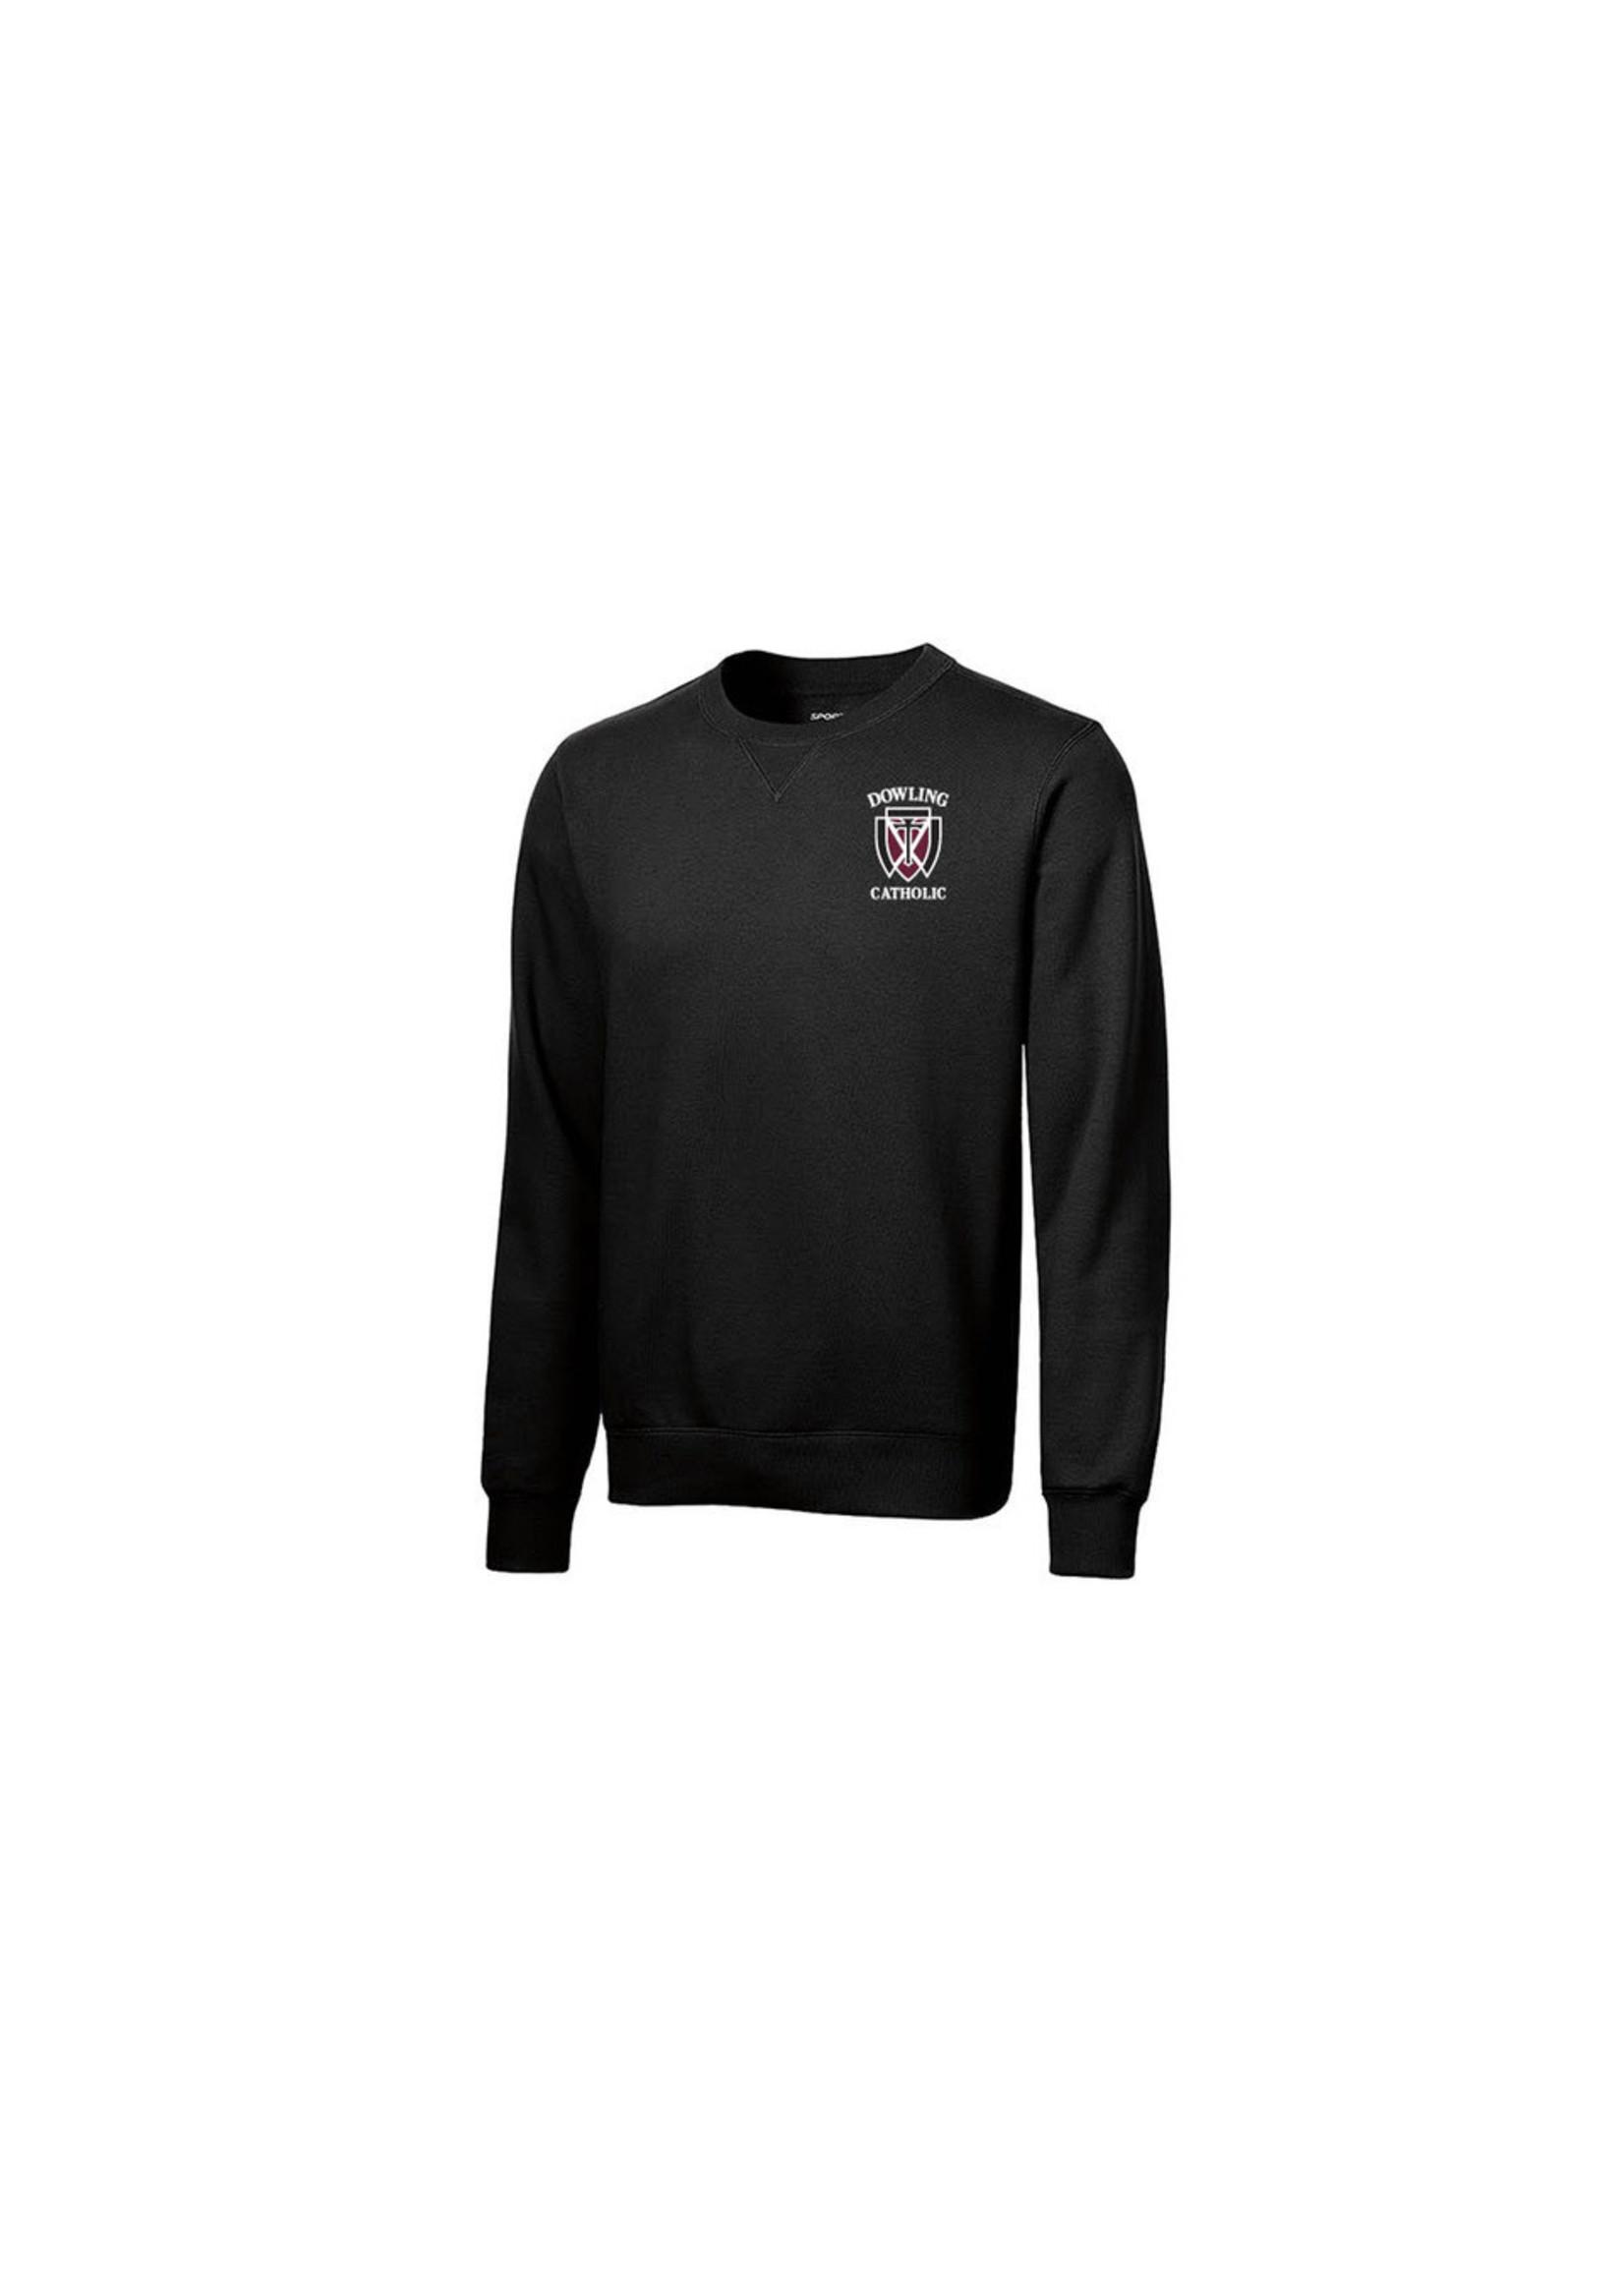 Sport-tek Unisex Crew Neck Uniform Sweatshirt - ONLINE